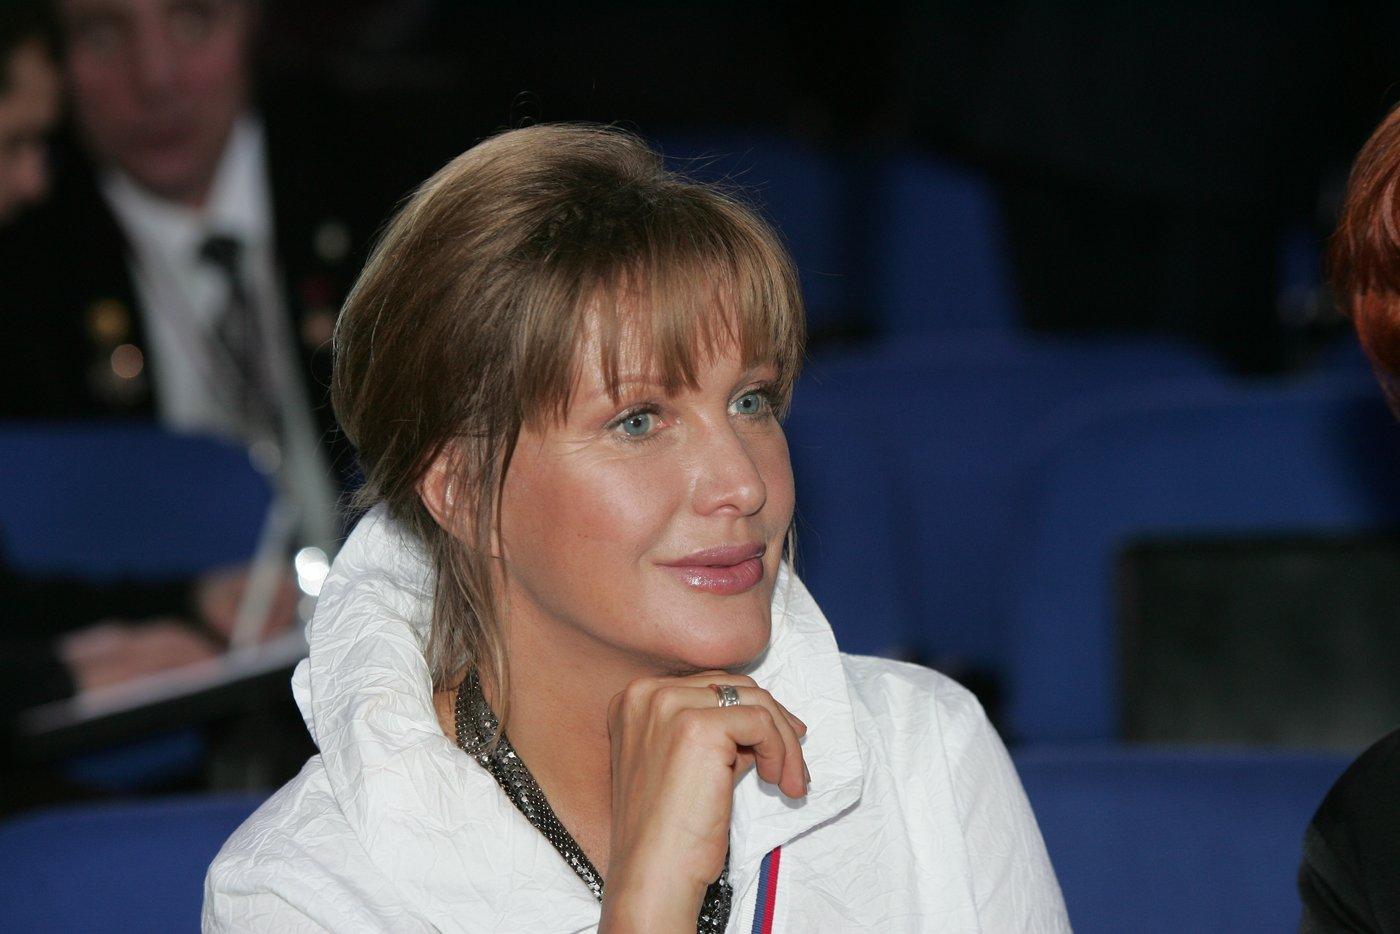 Елена Проклова биография личная жизнь семья муж дети фото